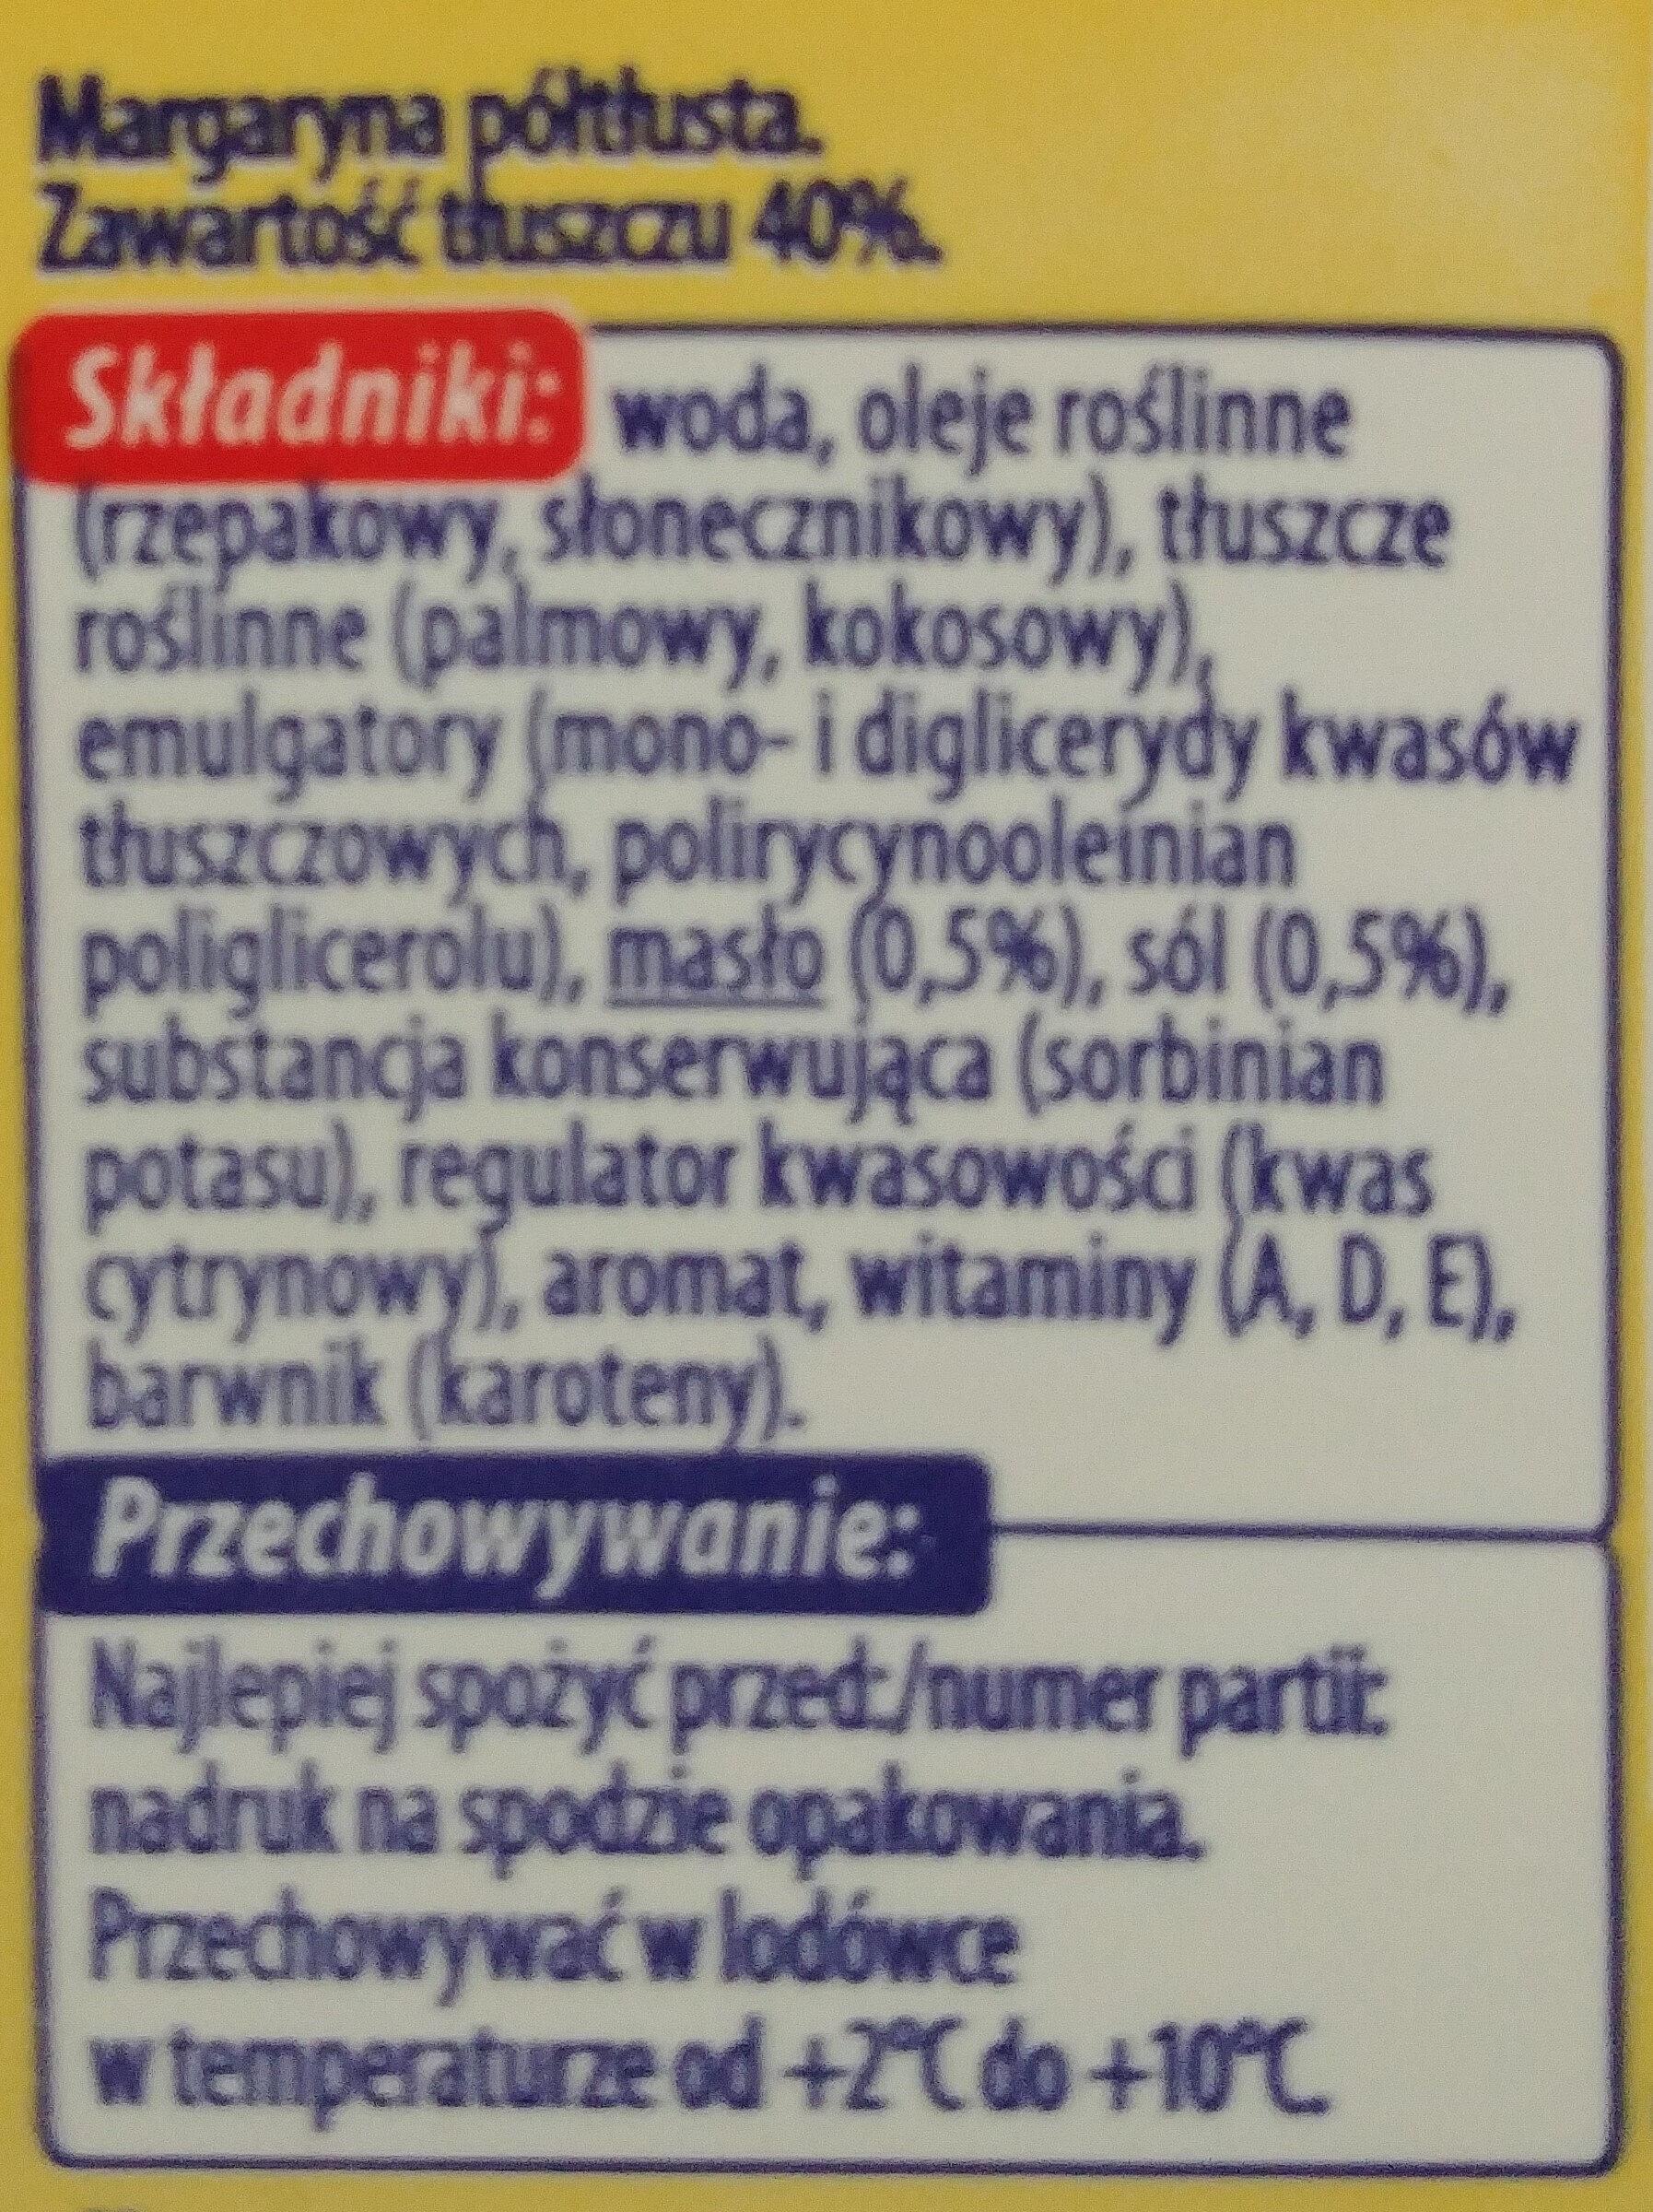 Margaryna półtłusta 40%. - Składniki - pl